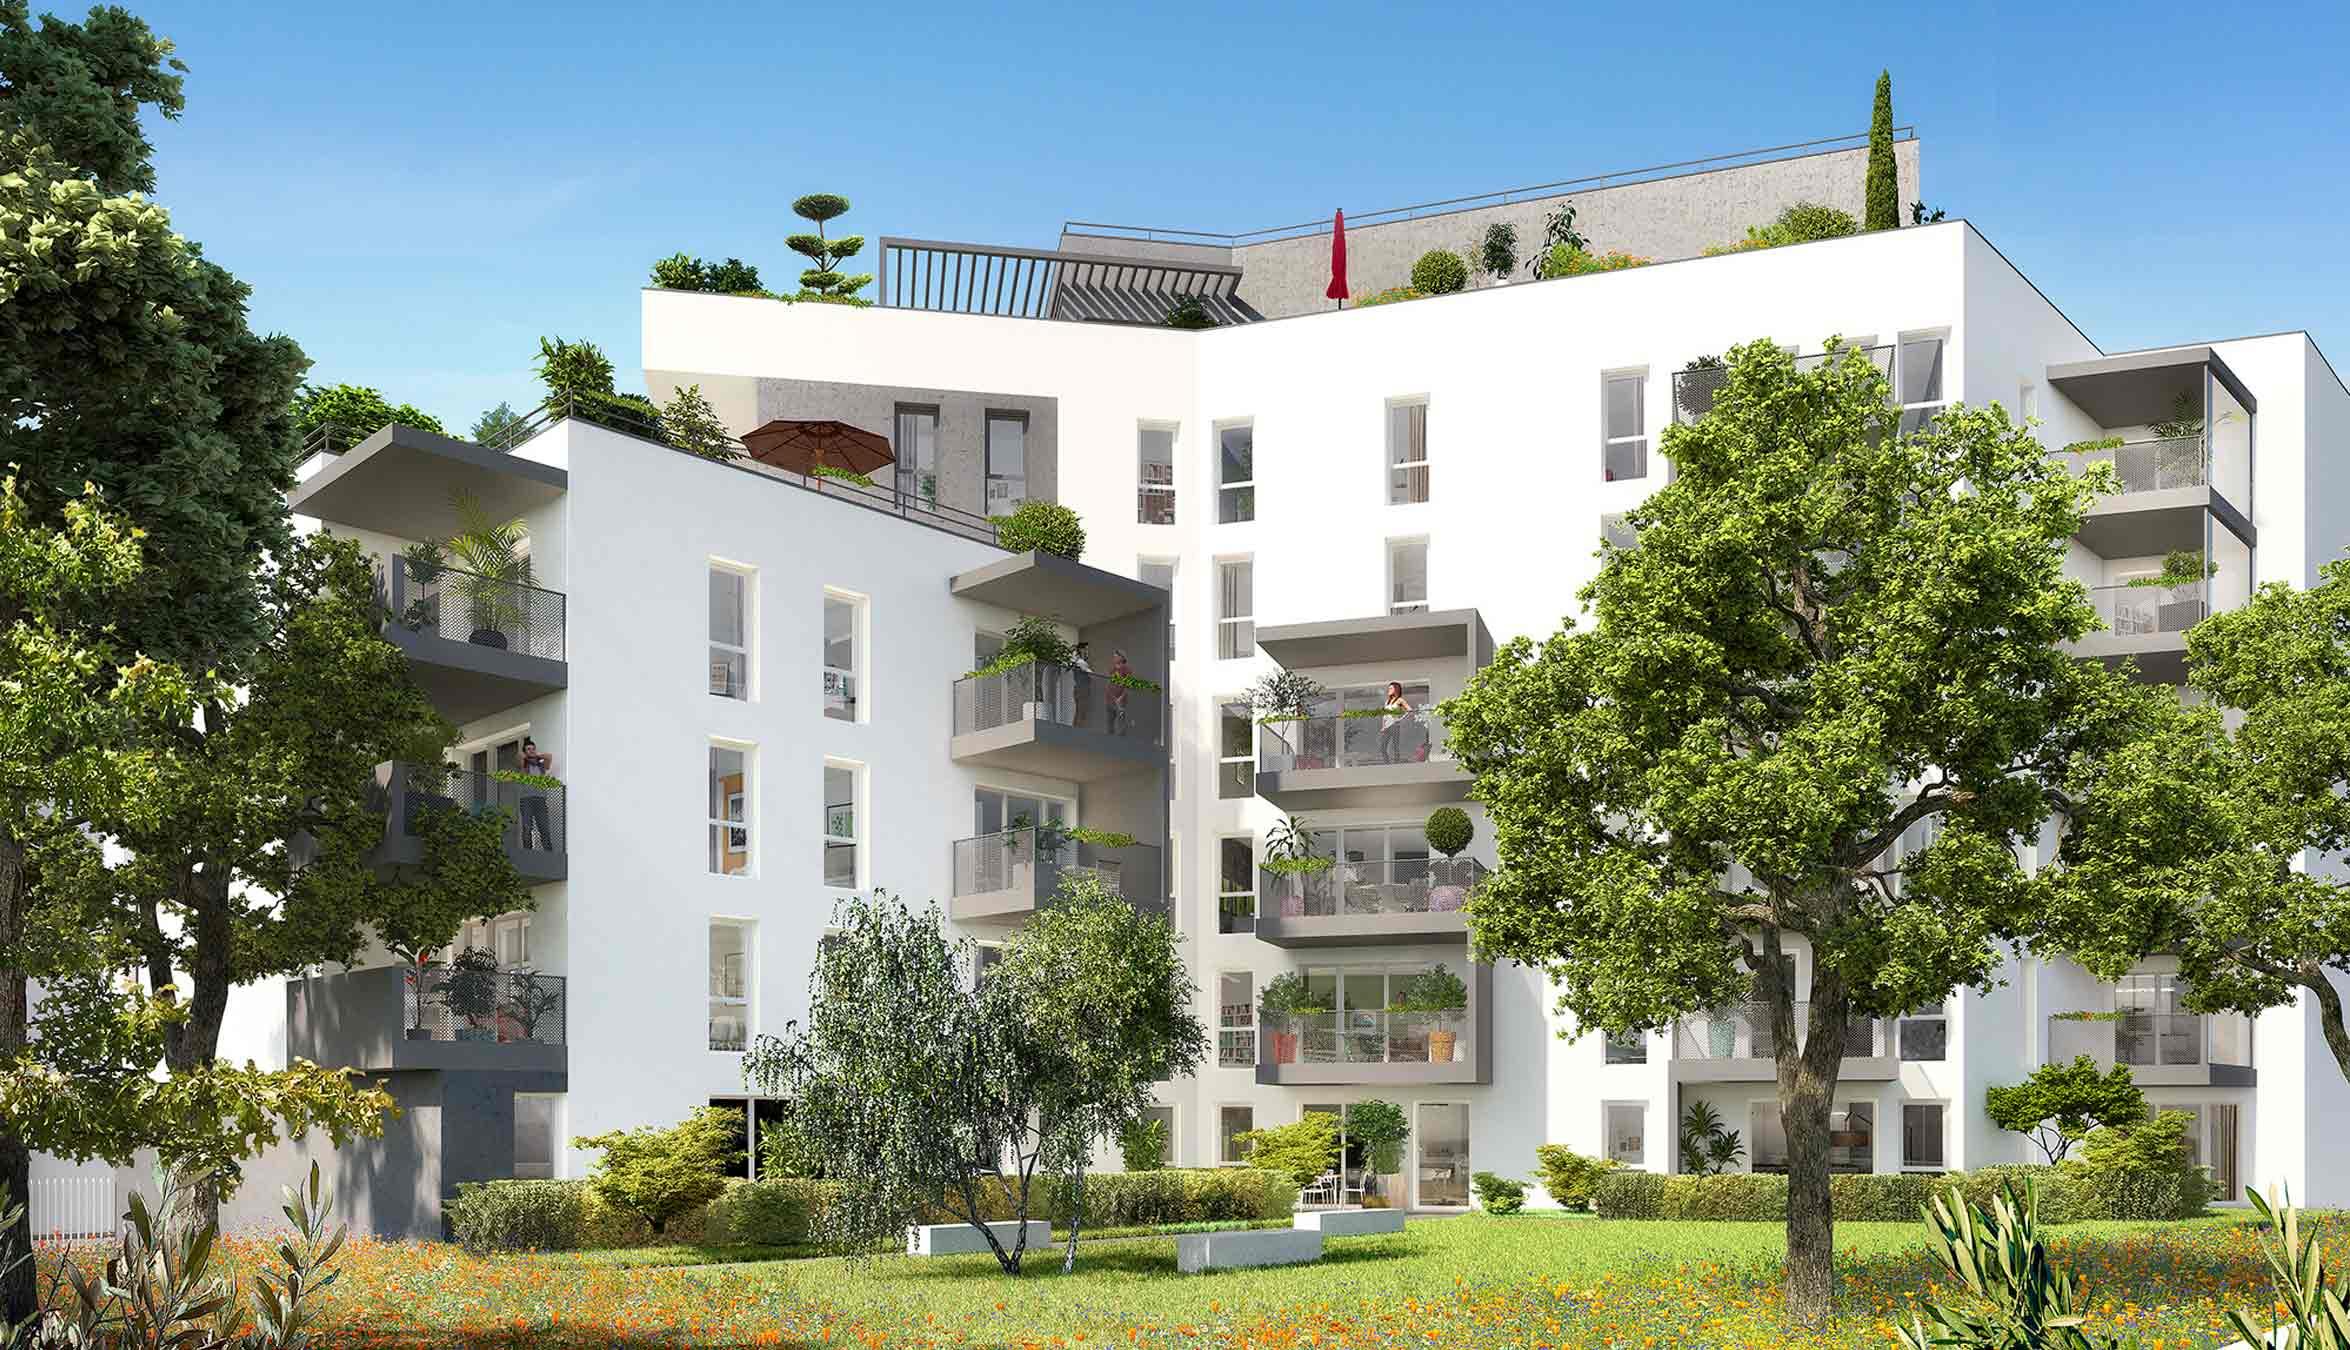 Programme immobilier neuf Sète : Un moyen de réduire ses impôts